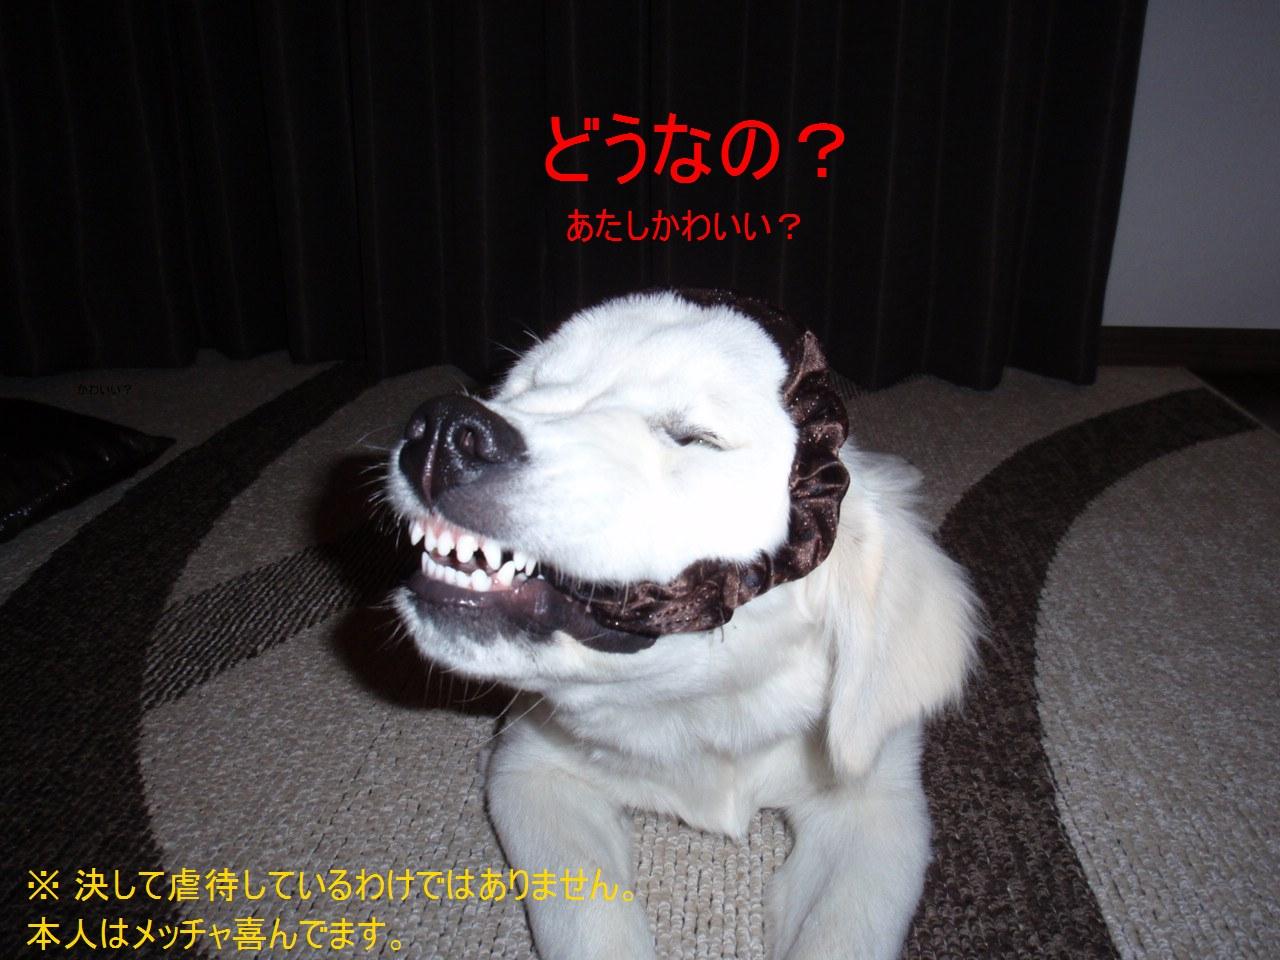 2013_0530_194020-P5300478 - コピー (2)